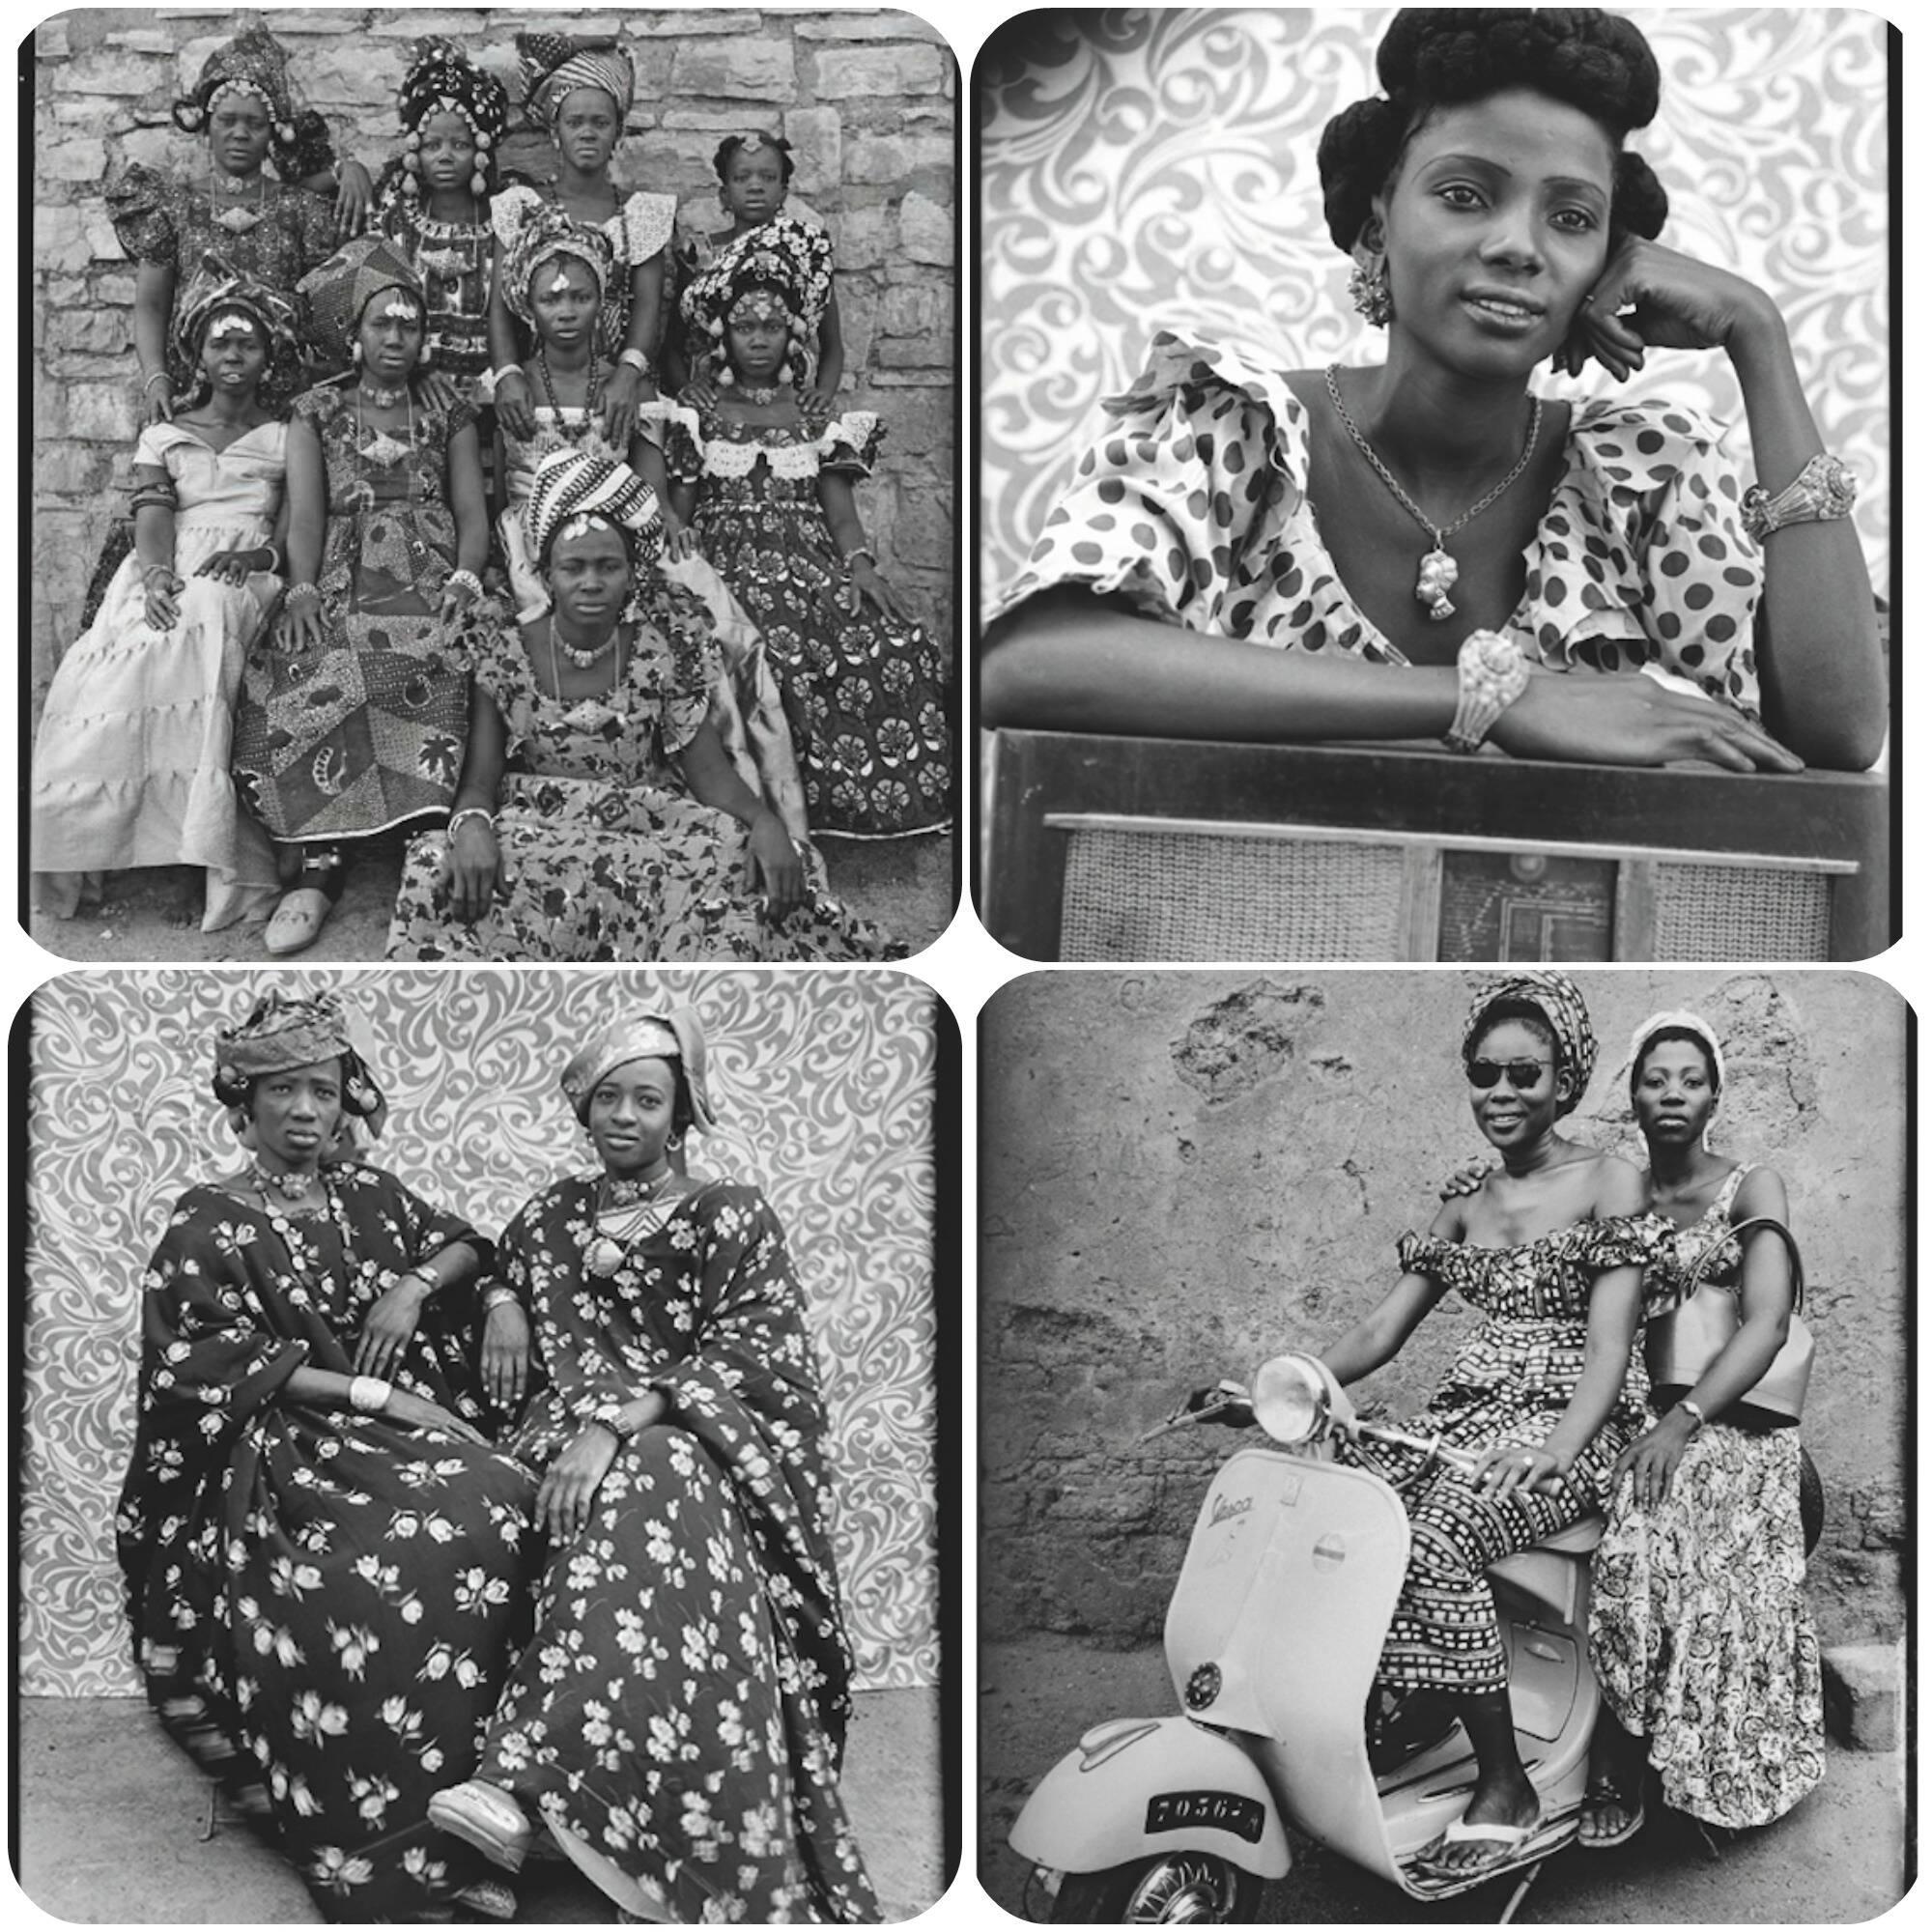 Seydou Keifa inaugura exposição no Grand Palais, com suas imagens modernas em preto e branco